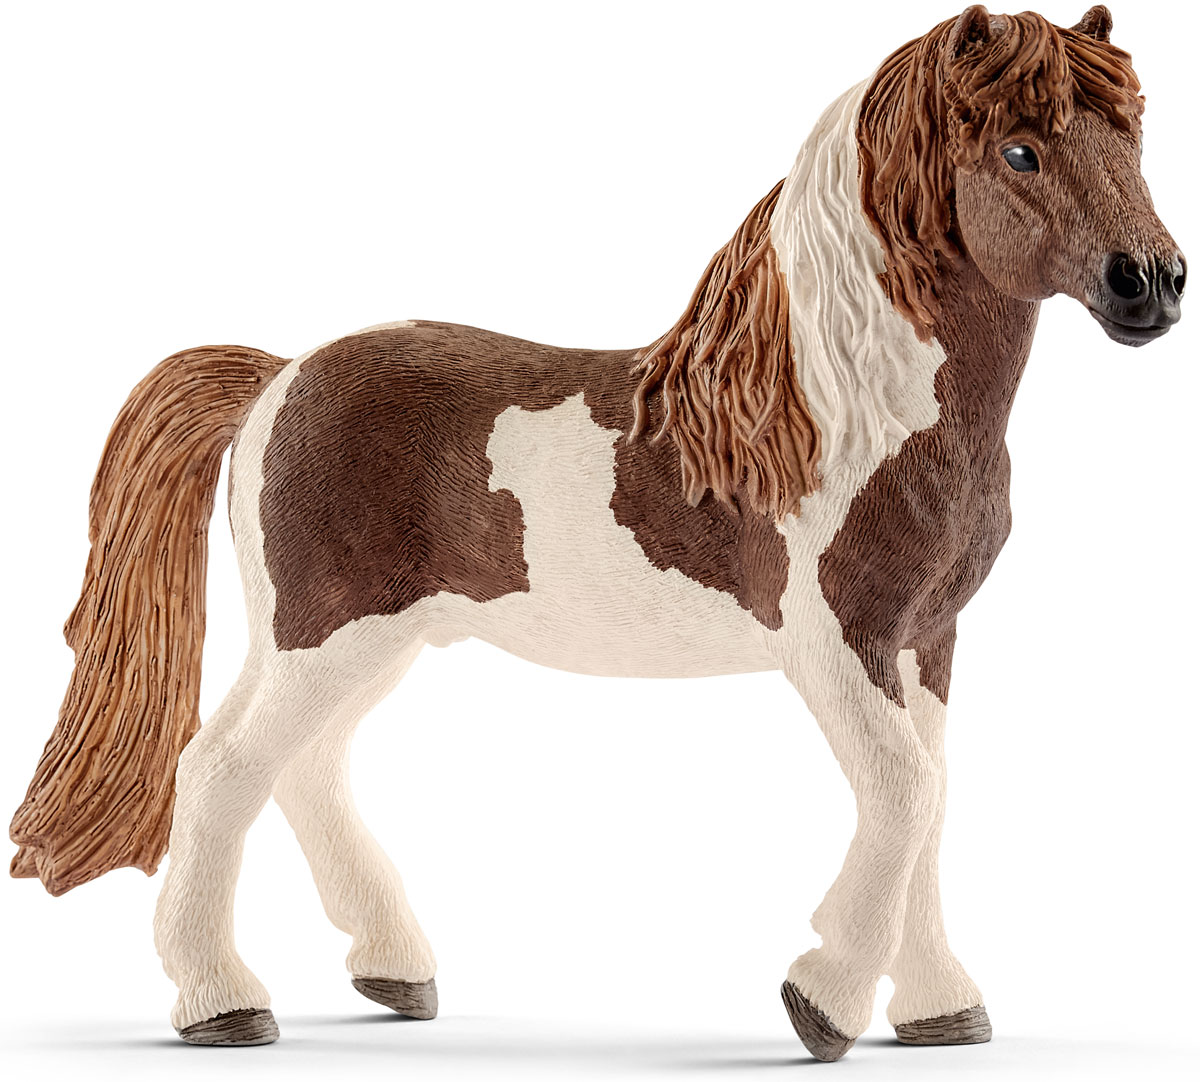 Schleich Фигурка Исландский пони жеребец конюх и исландский пони schleich